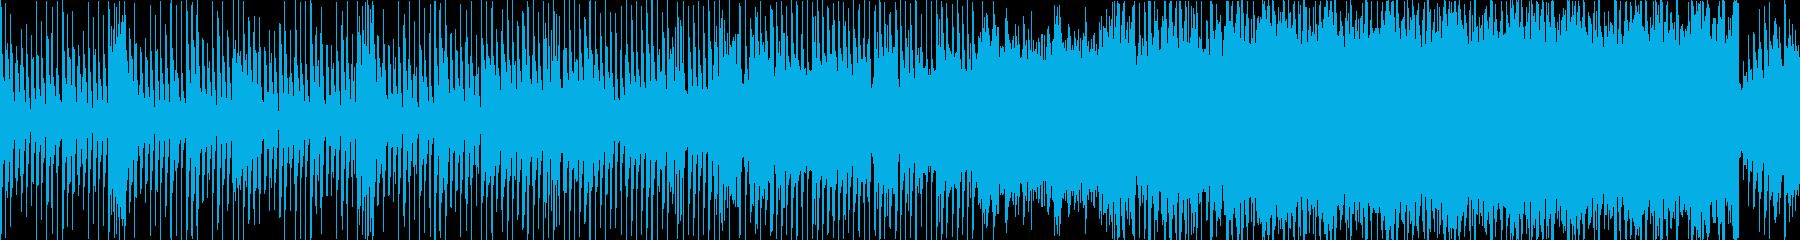 ロールプレインゲームの再生済みの波形